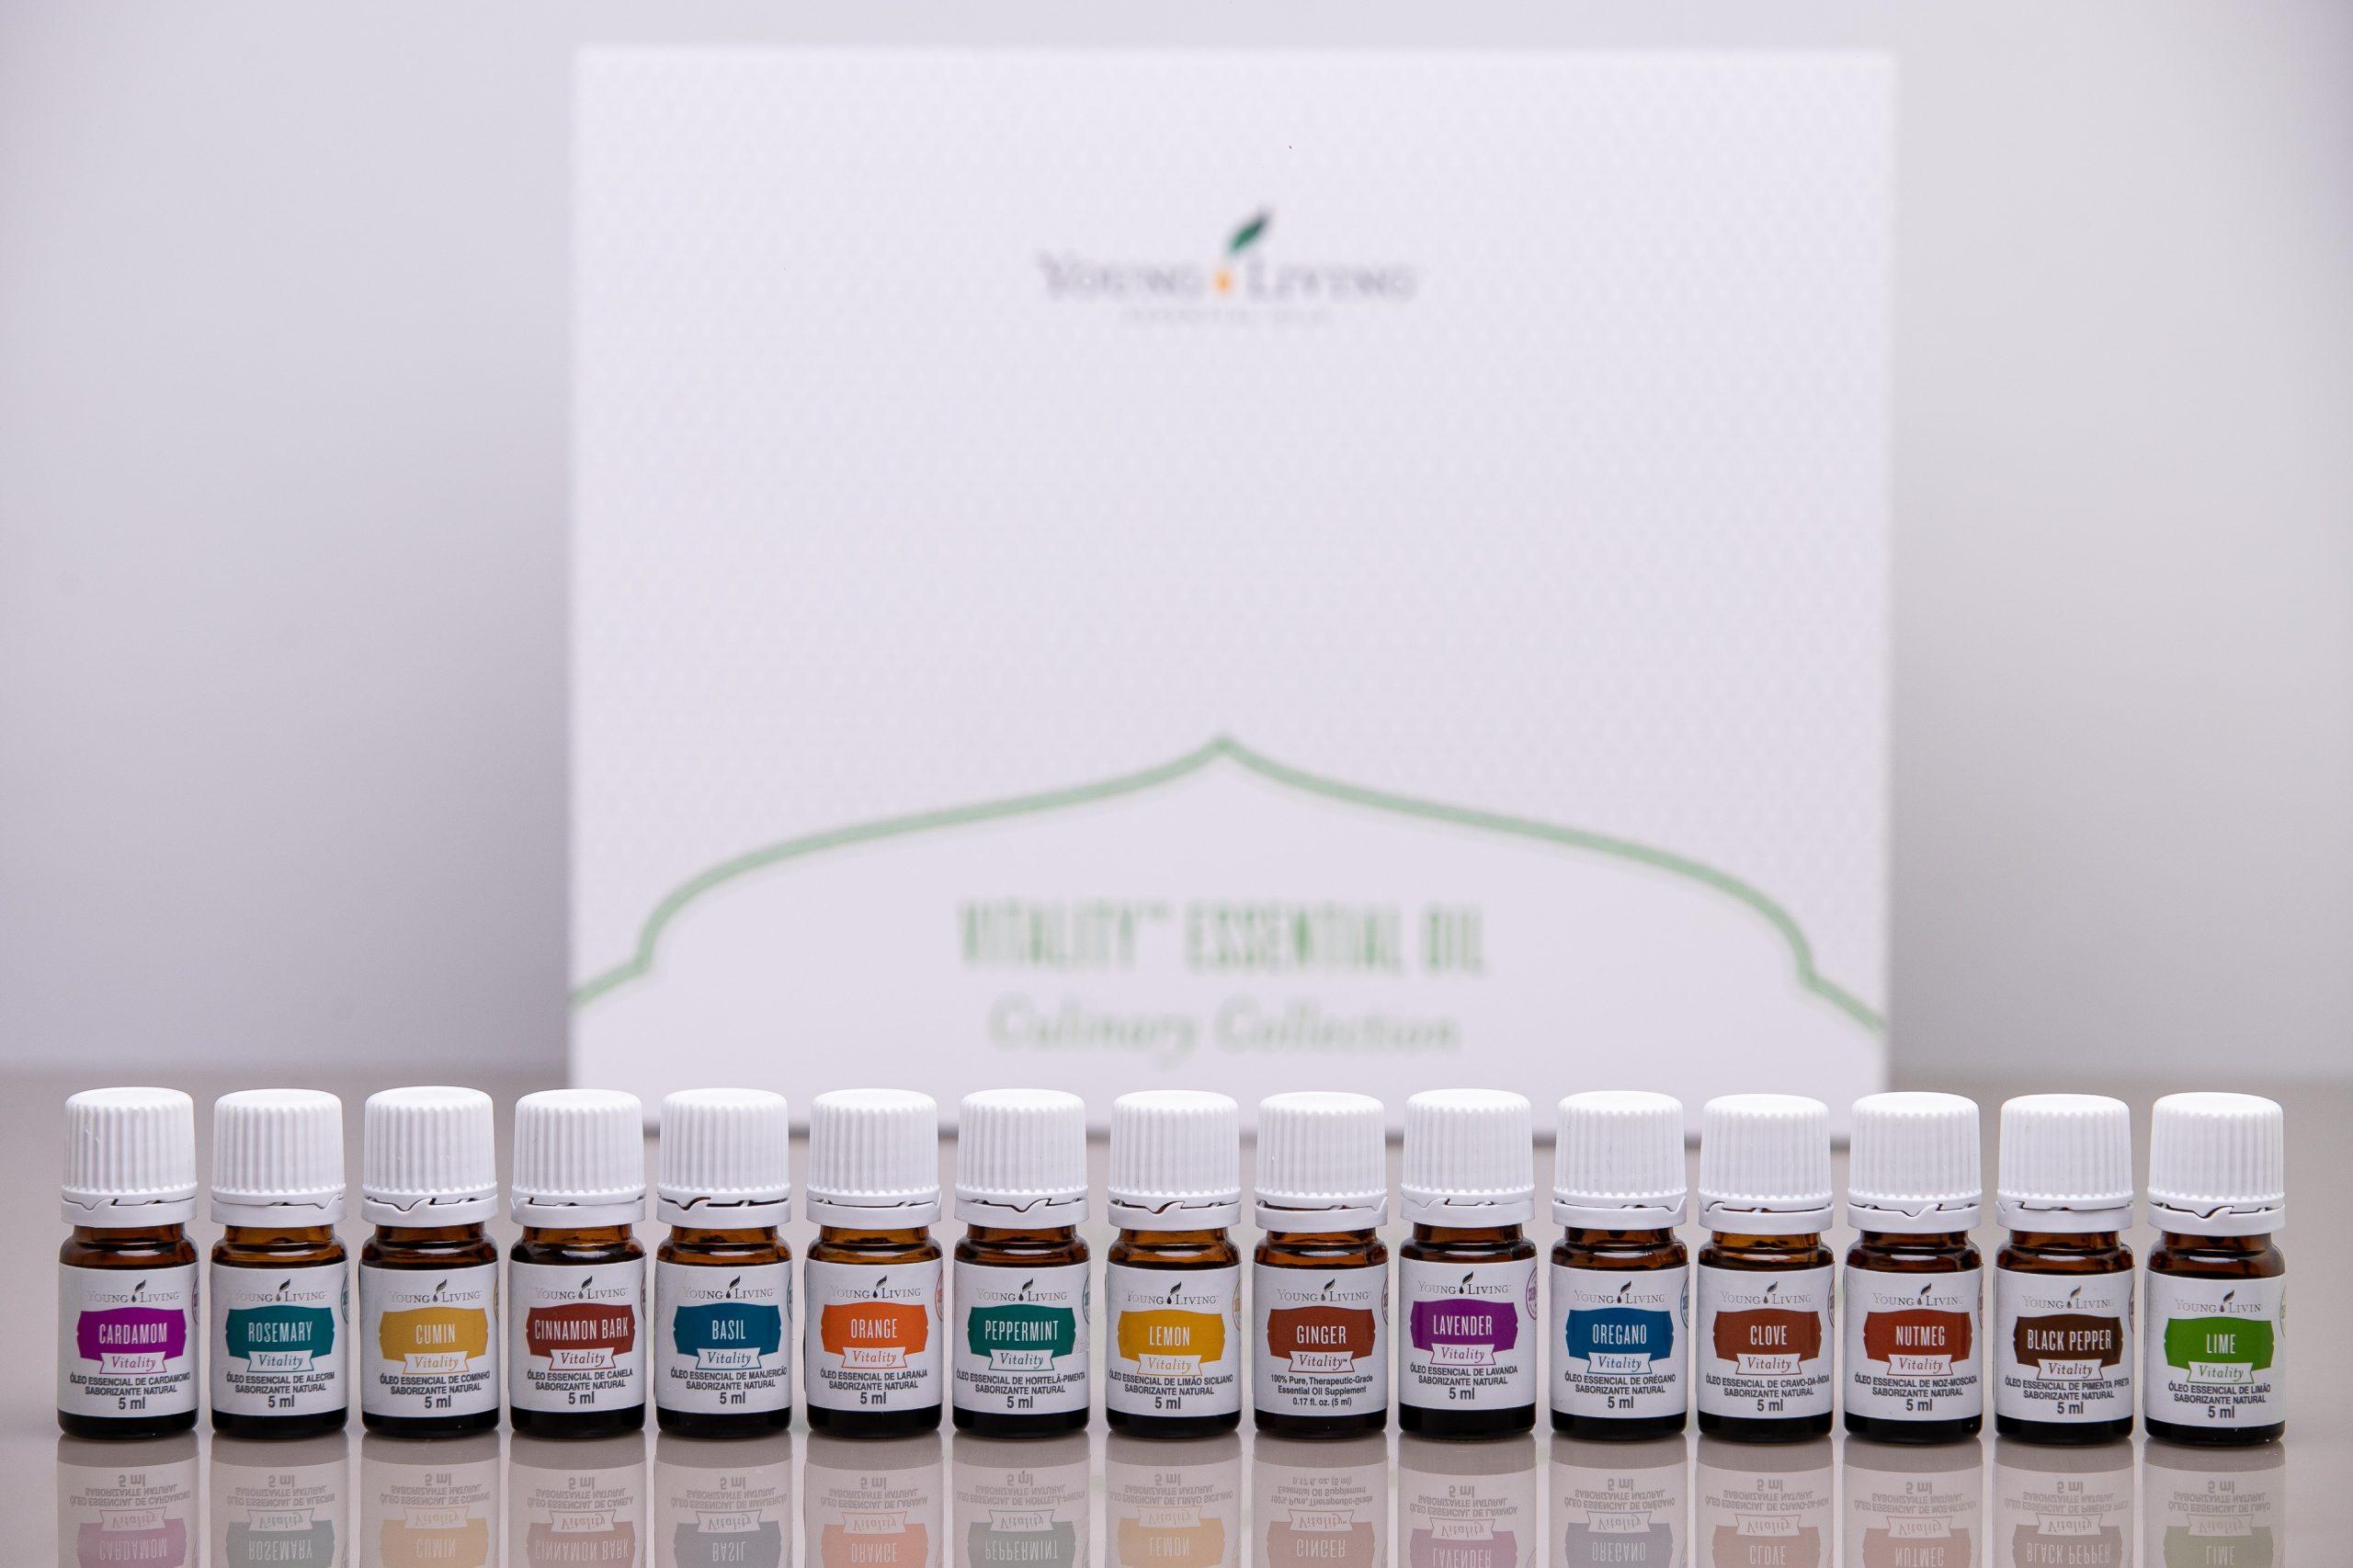 Young Living lança óleos essenciais exclusivos para ingestão